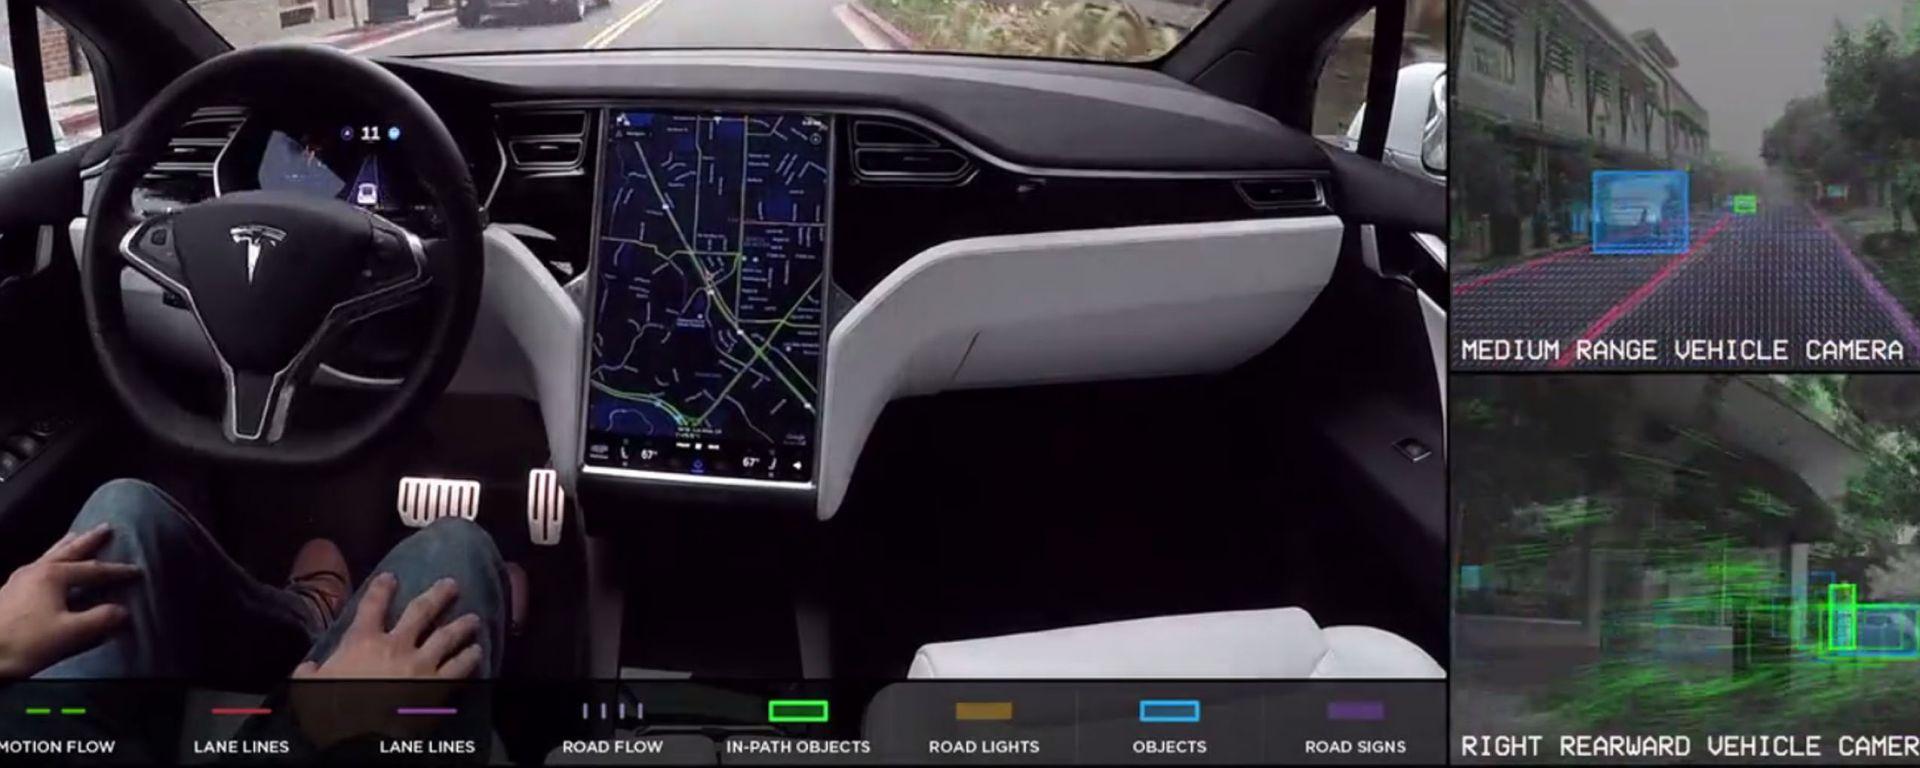 Tesla Model S protagonista di un nuovo video sulla guida autonoma